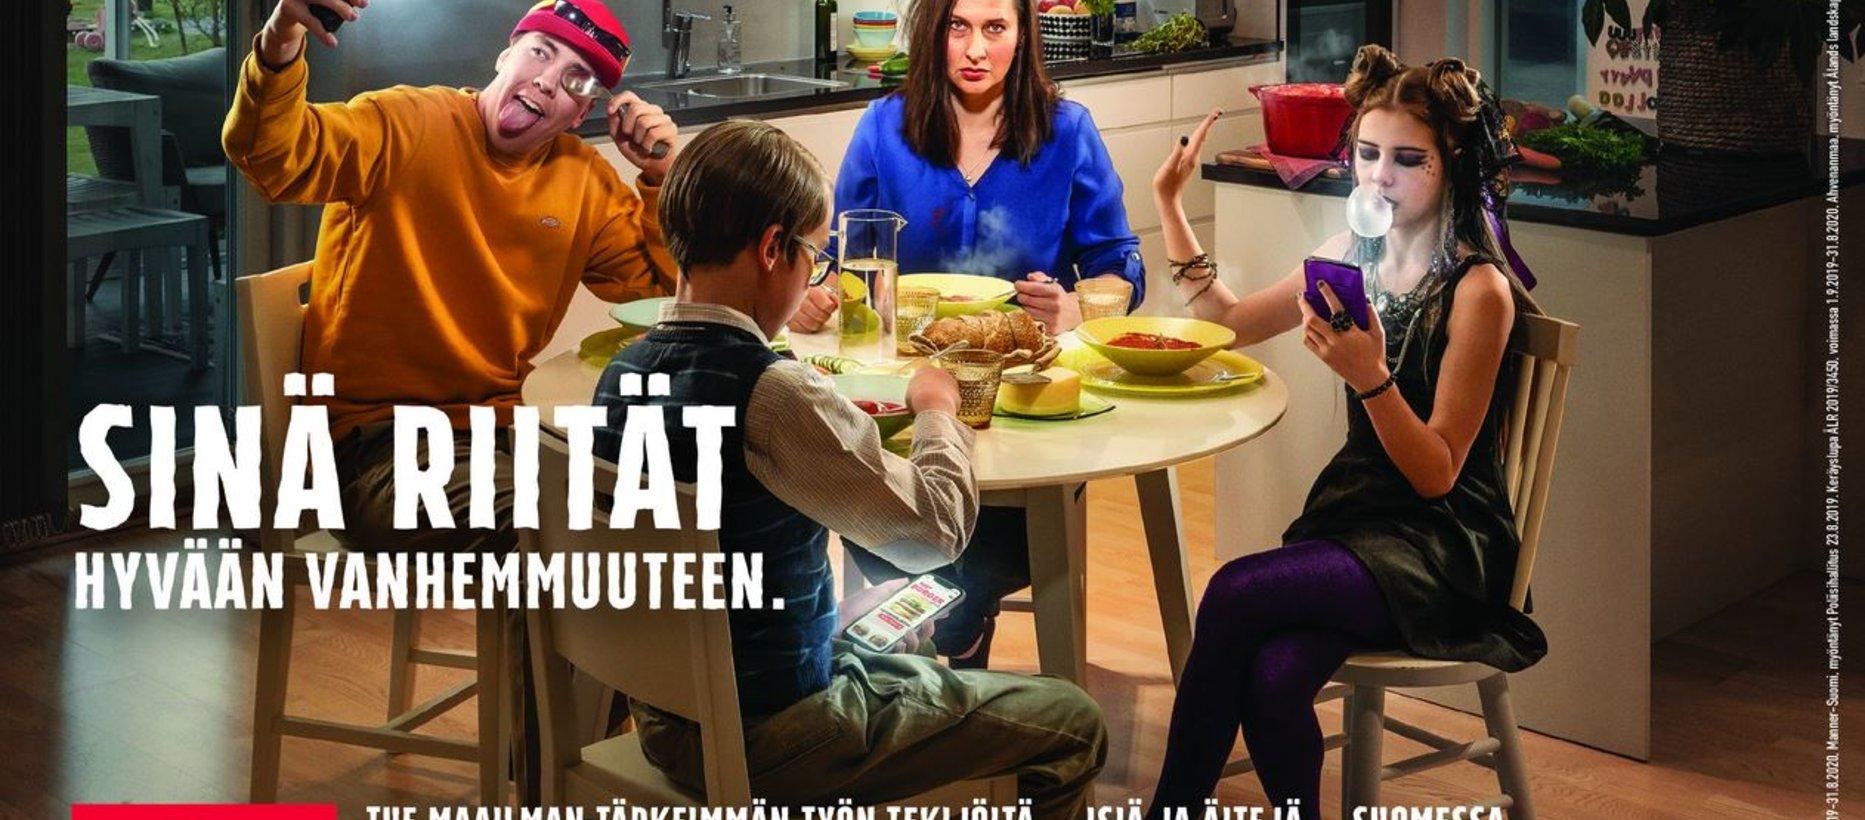 Perhe yhdessä ruokailemassa.